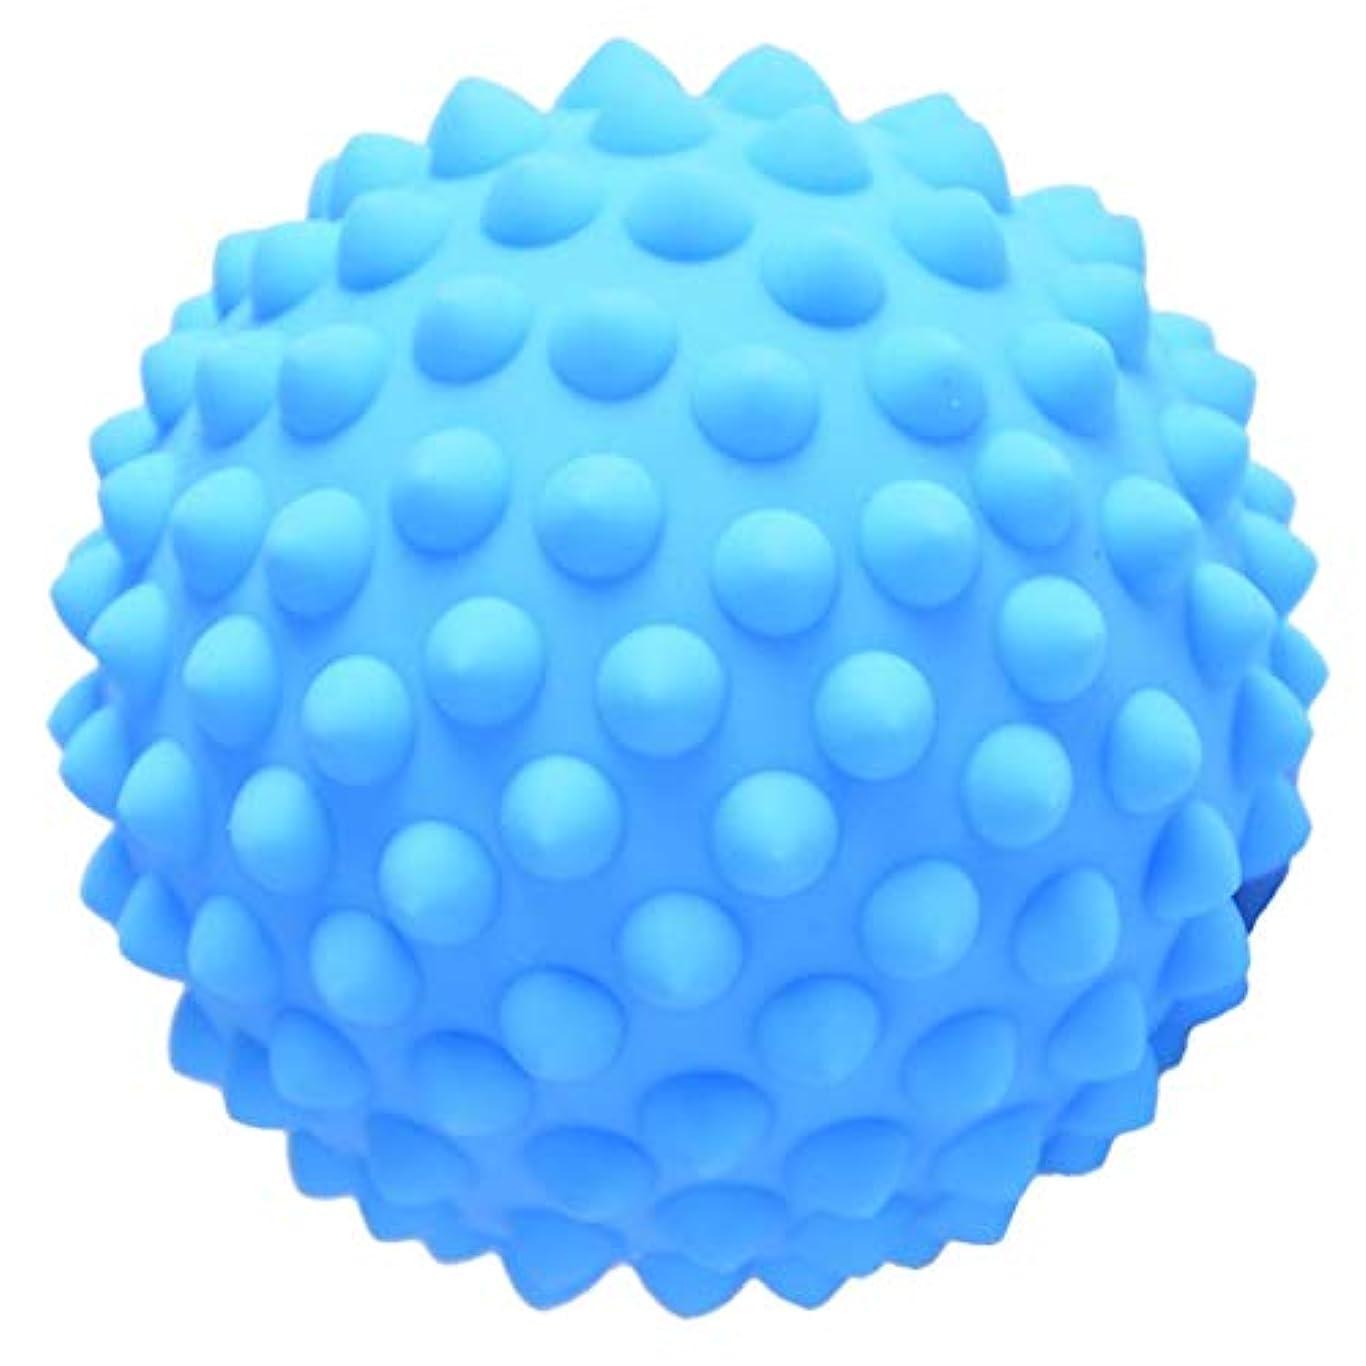 ラップトップ可塑性扱いやすいFLAMEER マッサージボール ポイントマッサージ ヨガ道具 3色選べ - 青, 説明のとおり